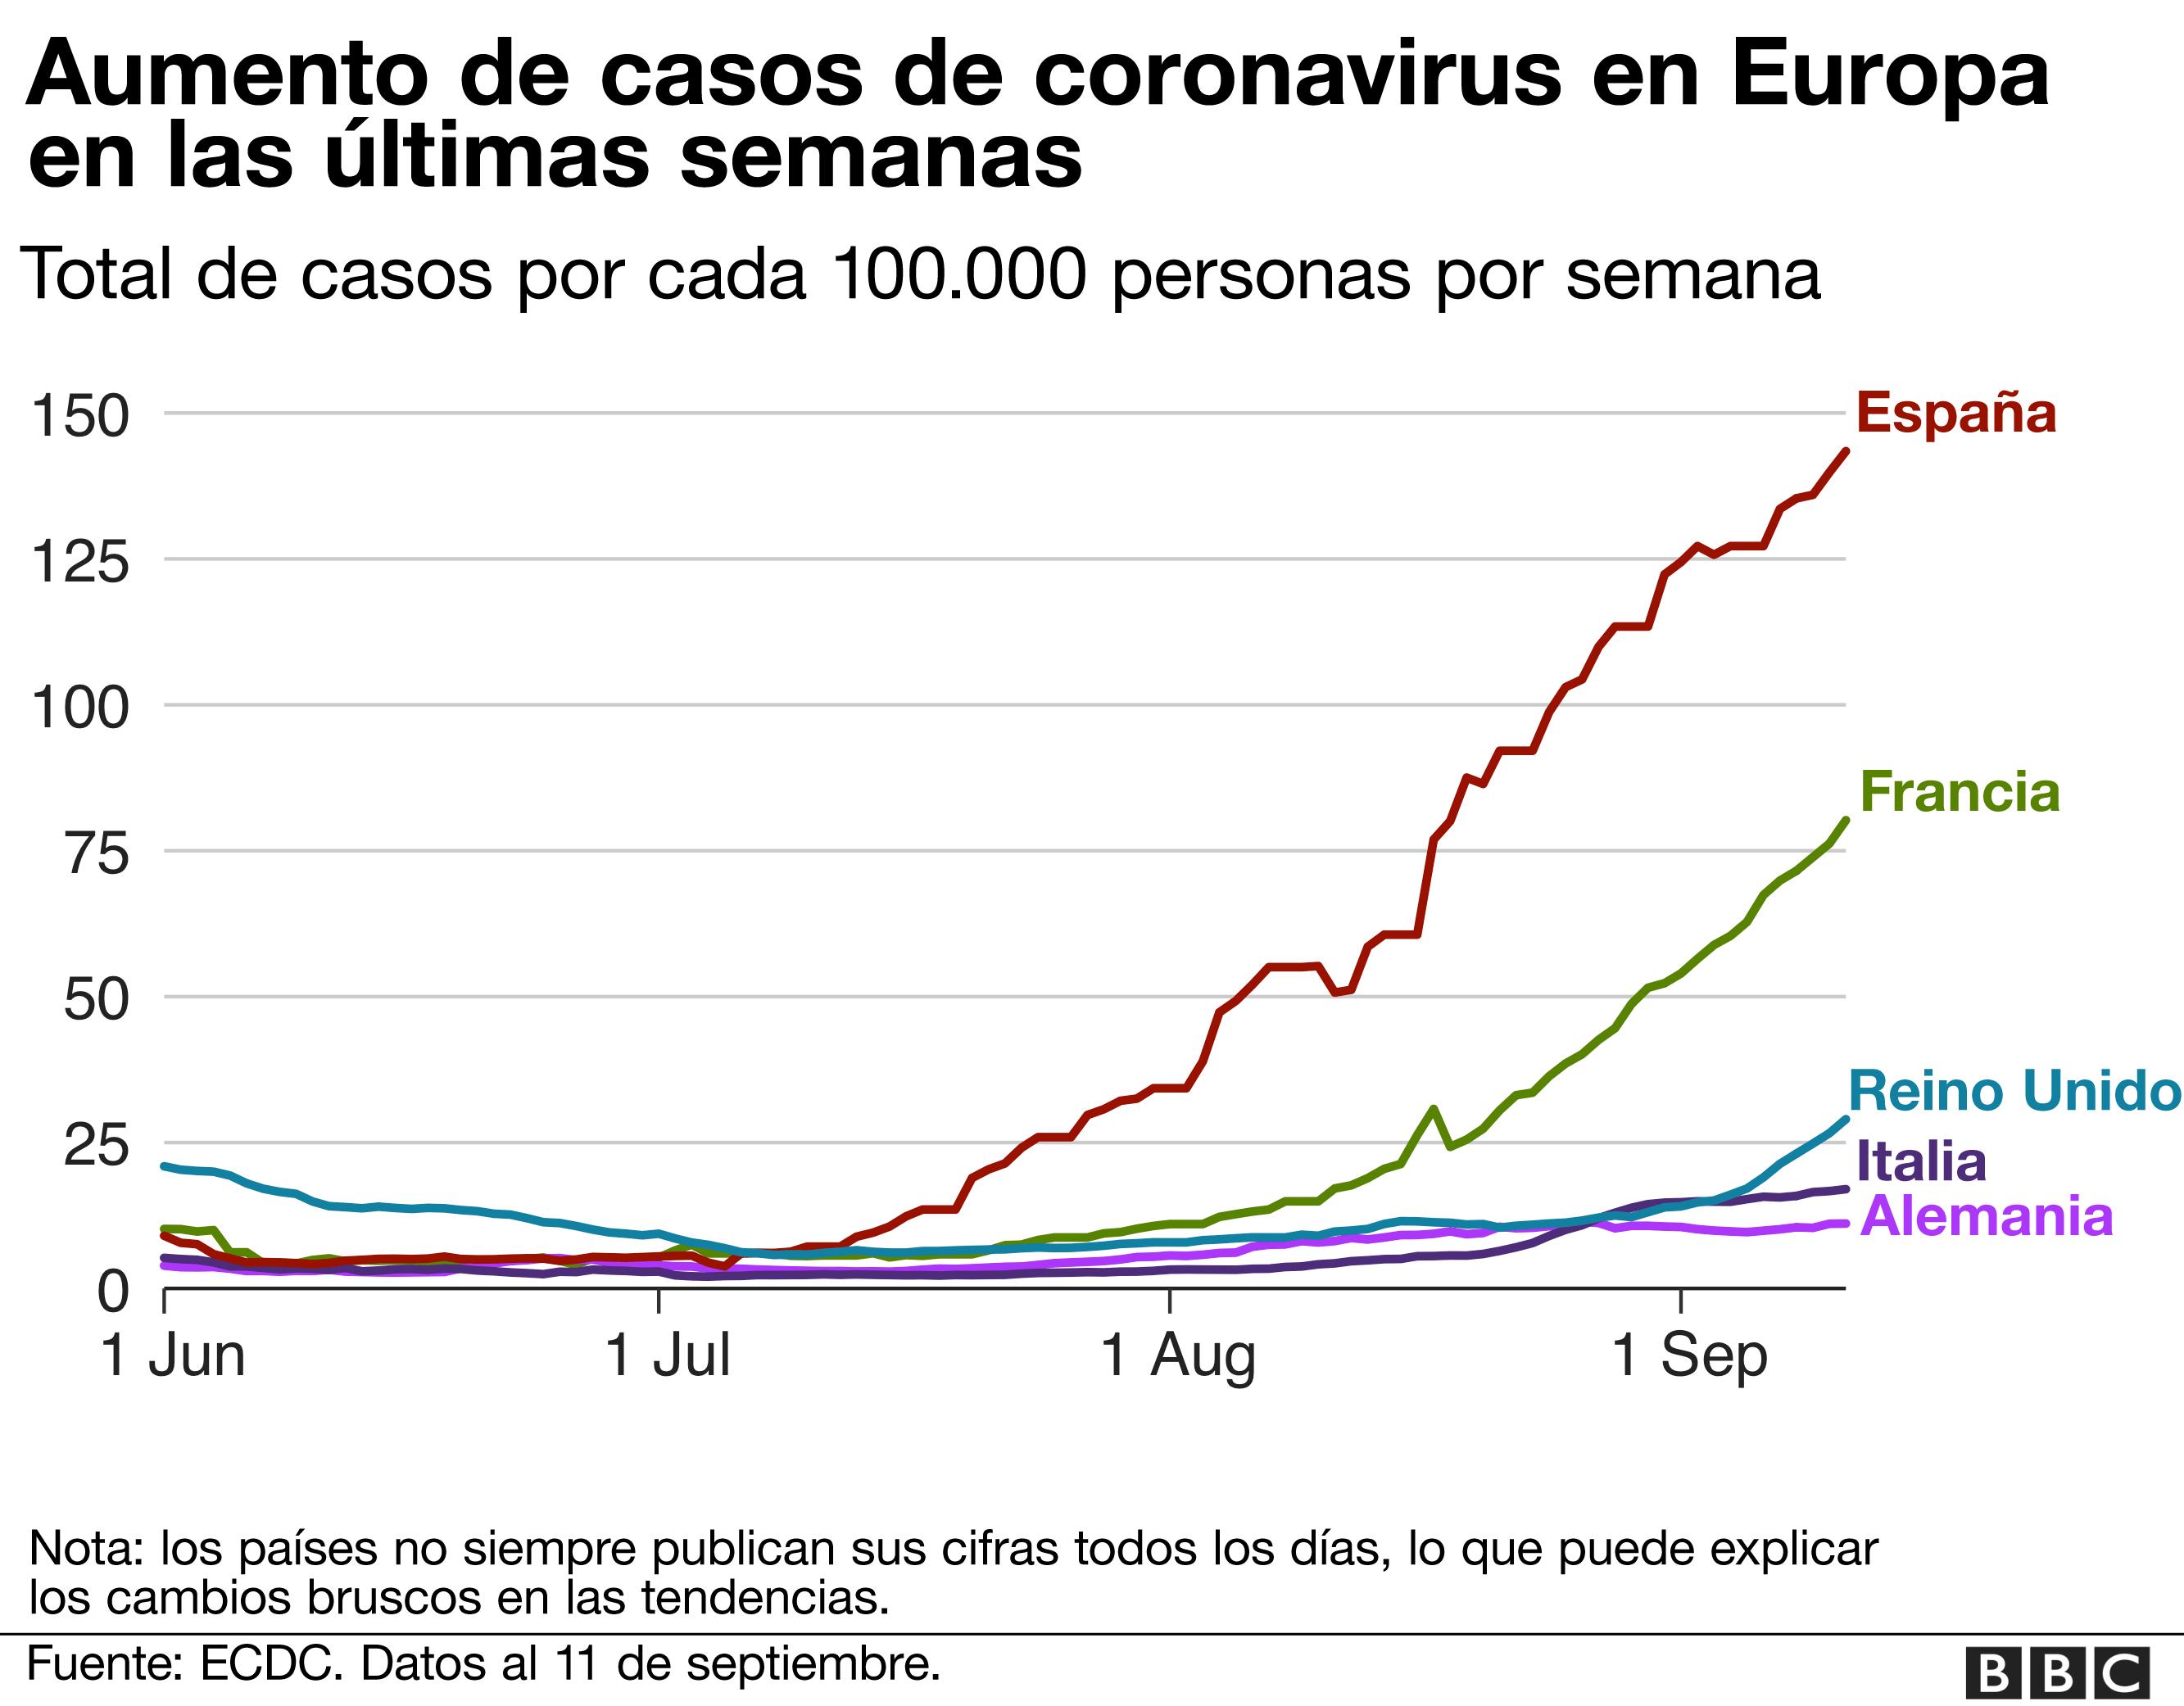 Aumento de casos de coronavirus en Europa en las últimas semanas.